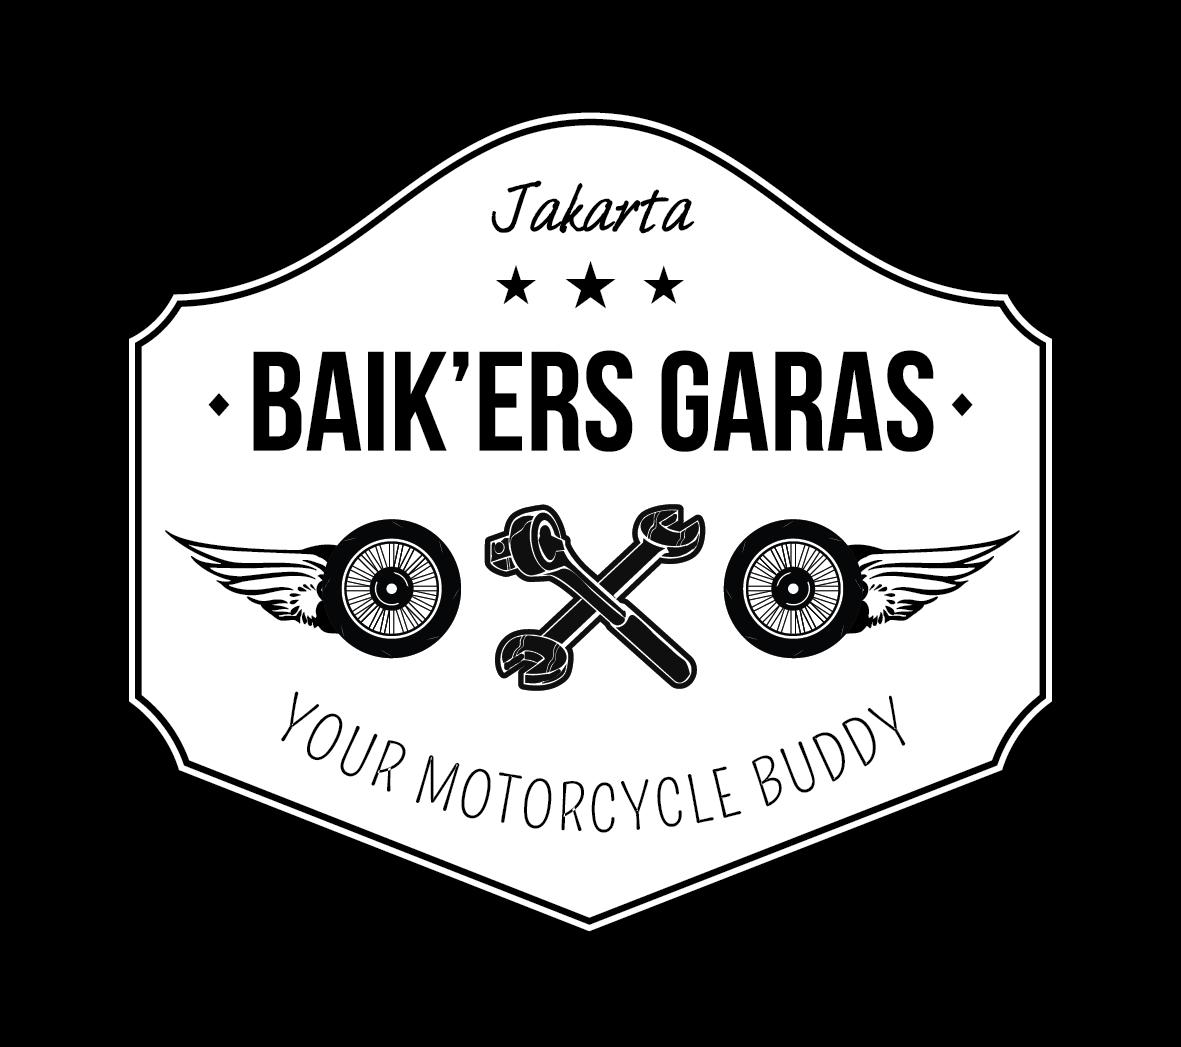 Renovasi Baikers Garas